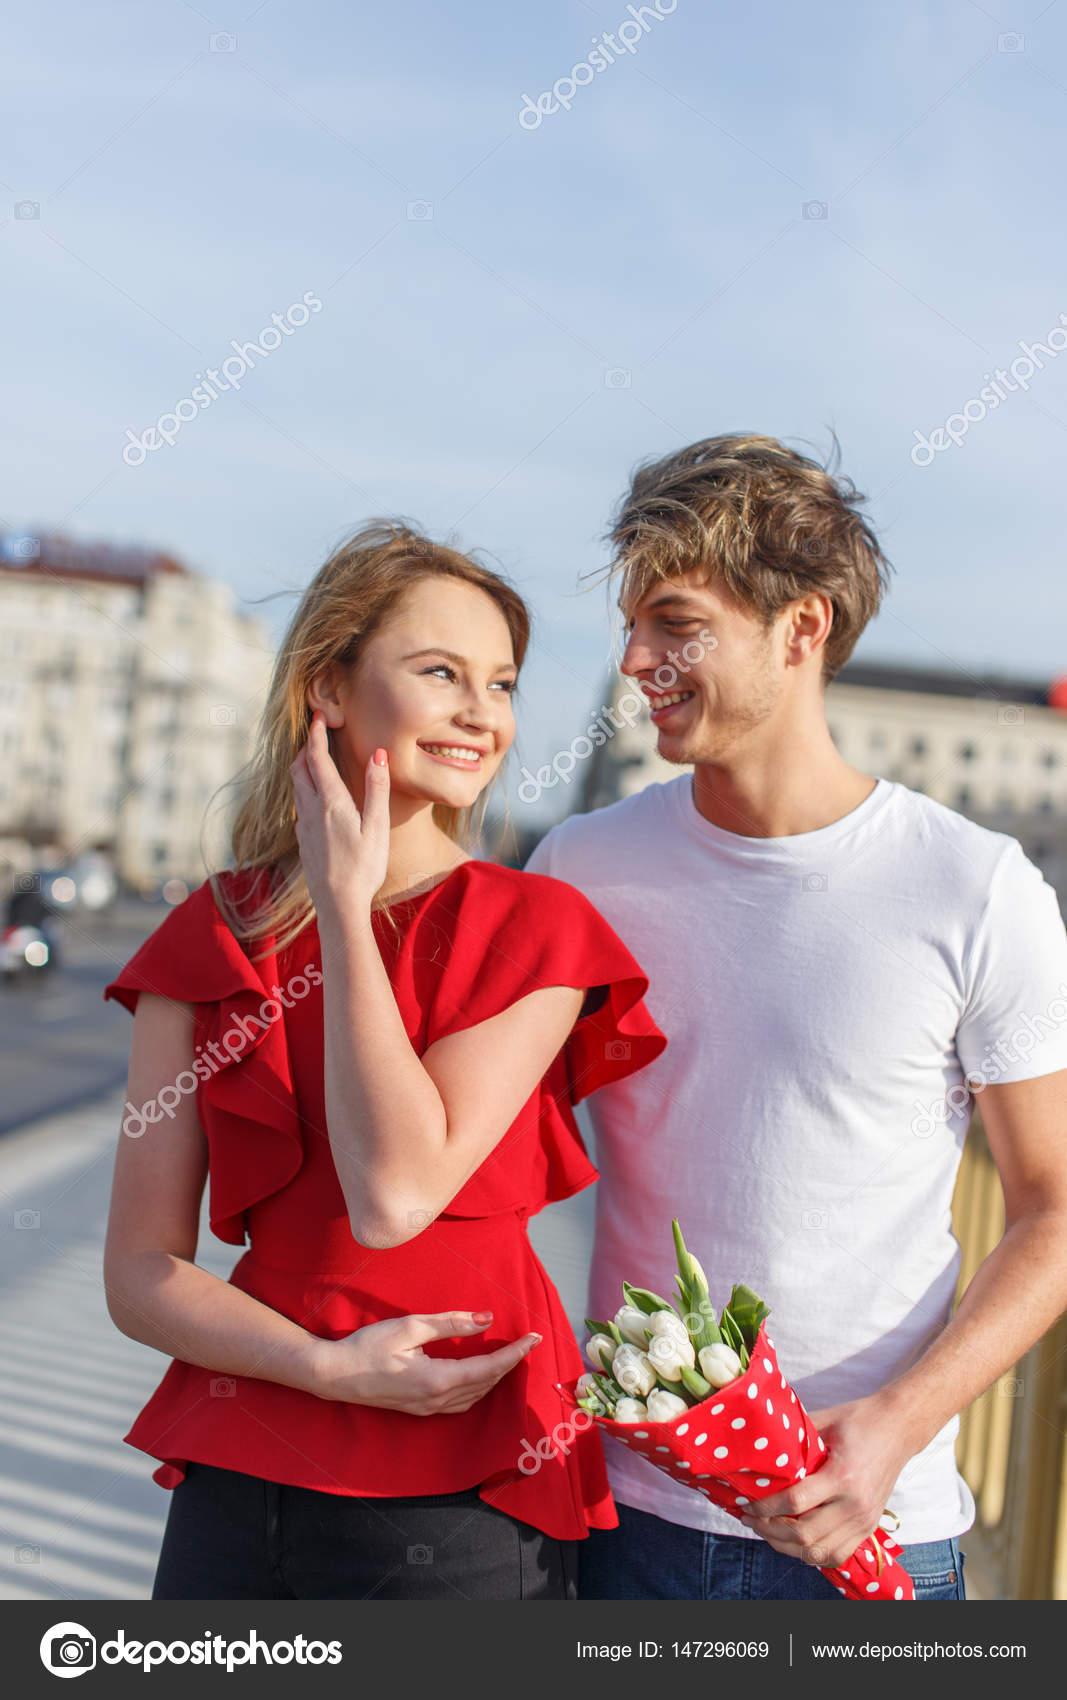 hoe jong is te jong voor dating Valentijnsdag dating 2 weken